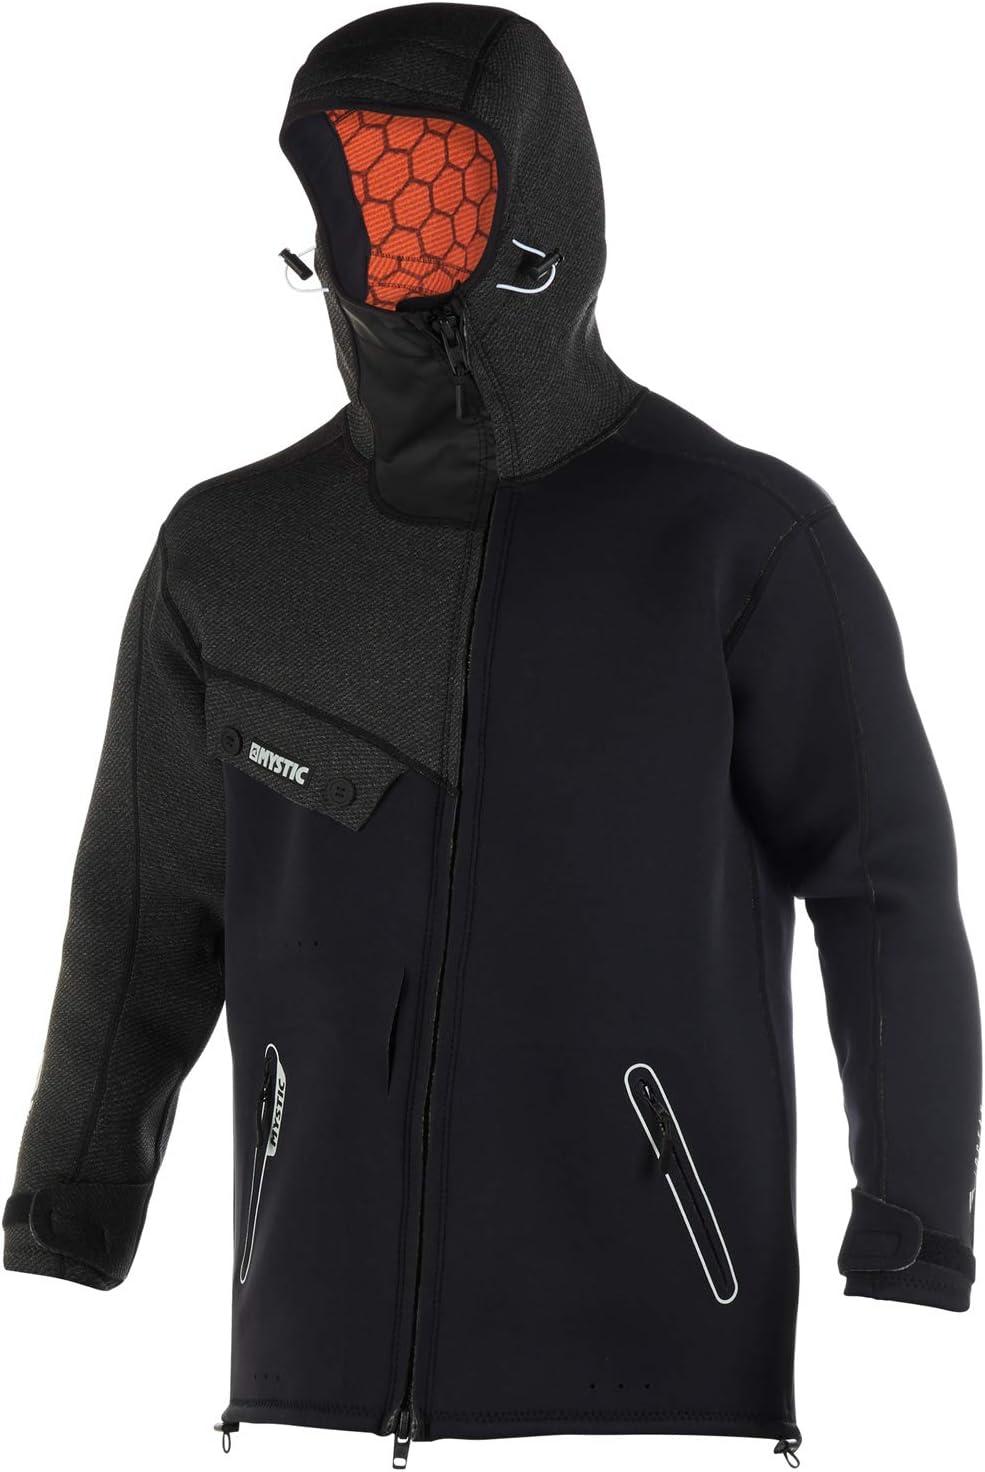 Mystic Watersports Surf Kitesurf & Windsurfing Herren Len10 Ocean Neopren Wetsuit Coat Jacket Schwarz Weiß